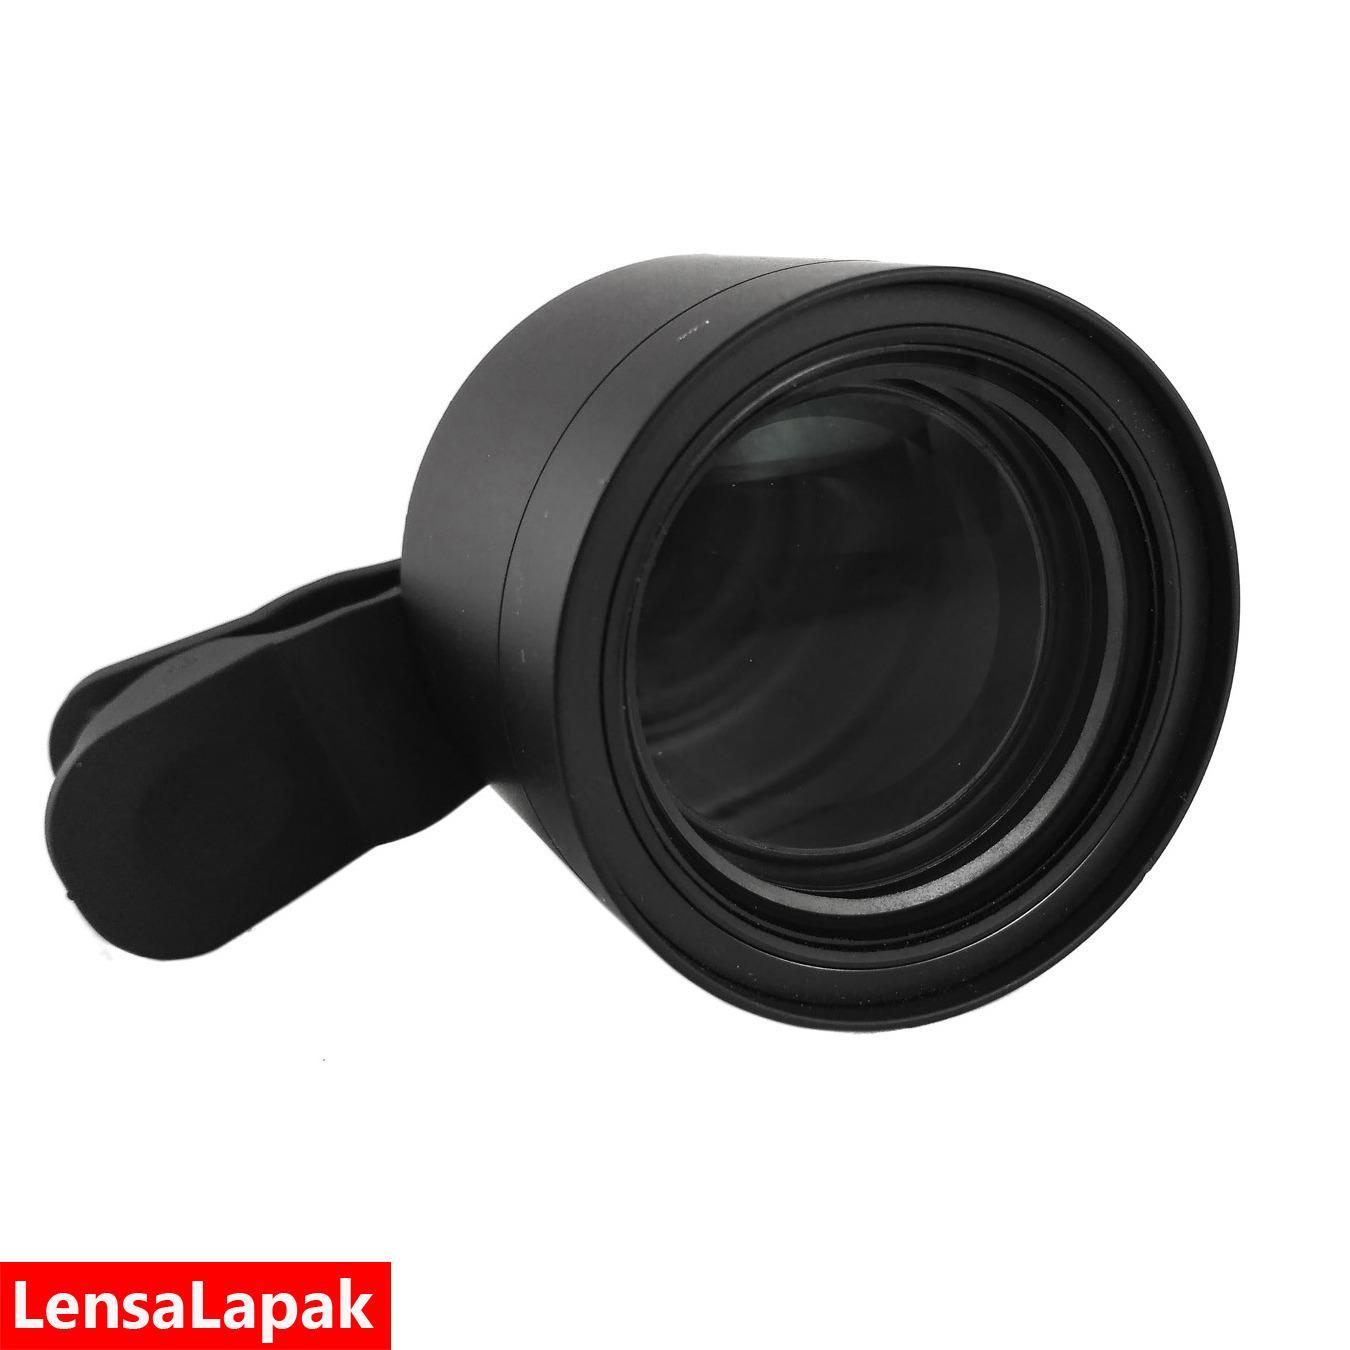 Jual Minolta 45Mm Lensa Kamera Hp Macro Lensbong Prosumer For Smartphone Or Handphone